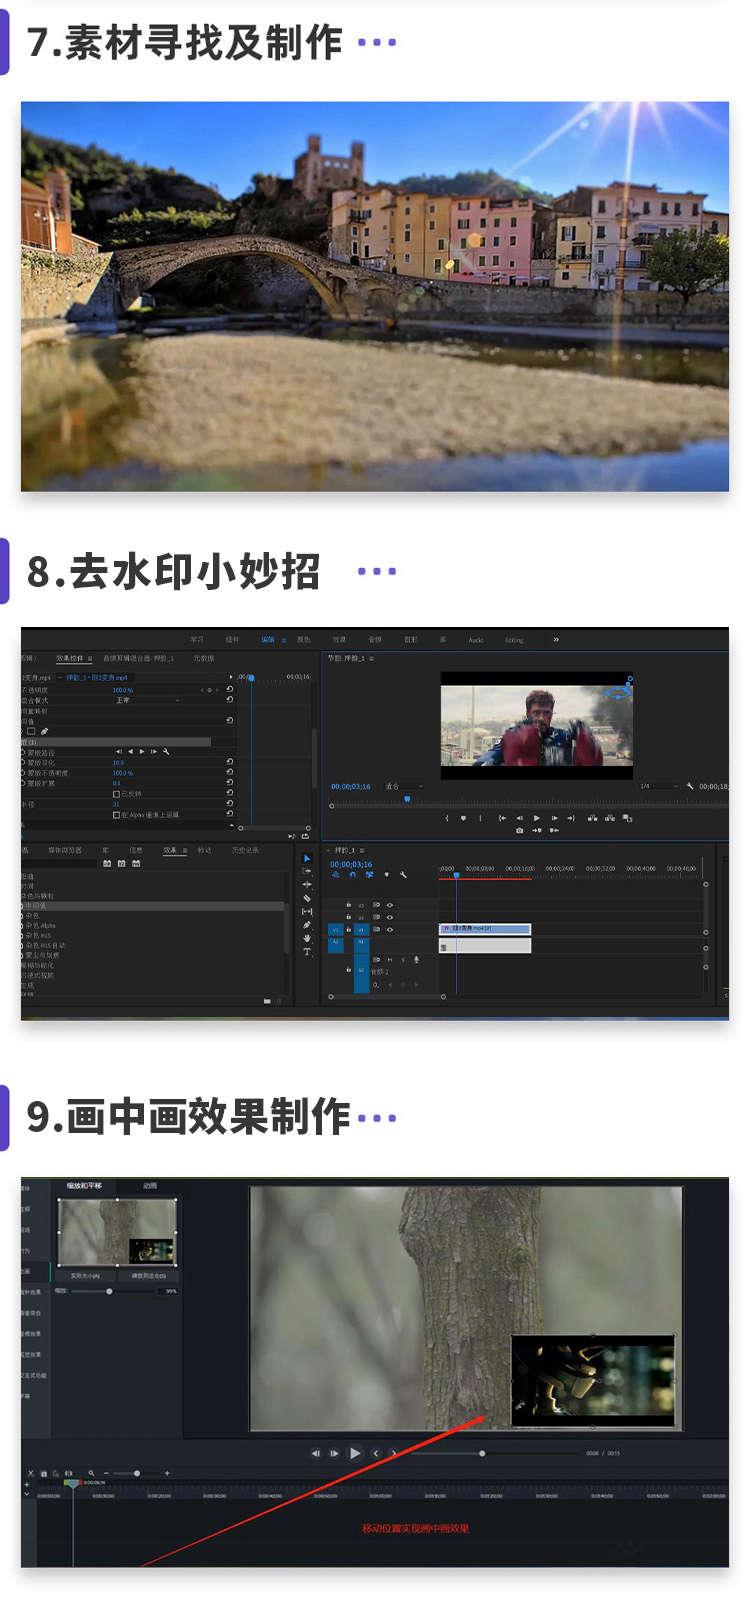 短视频运营剪辑教程剪映 vlog 制作教学课程(百度云)